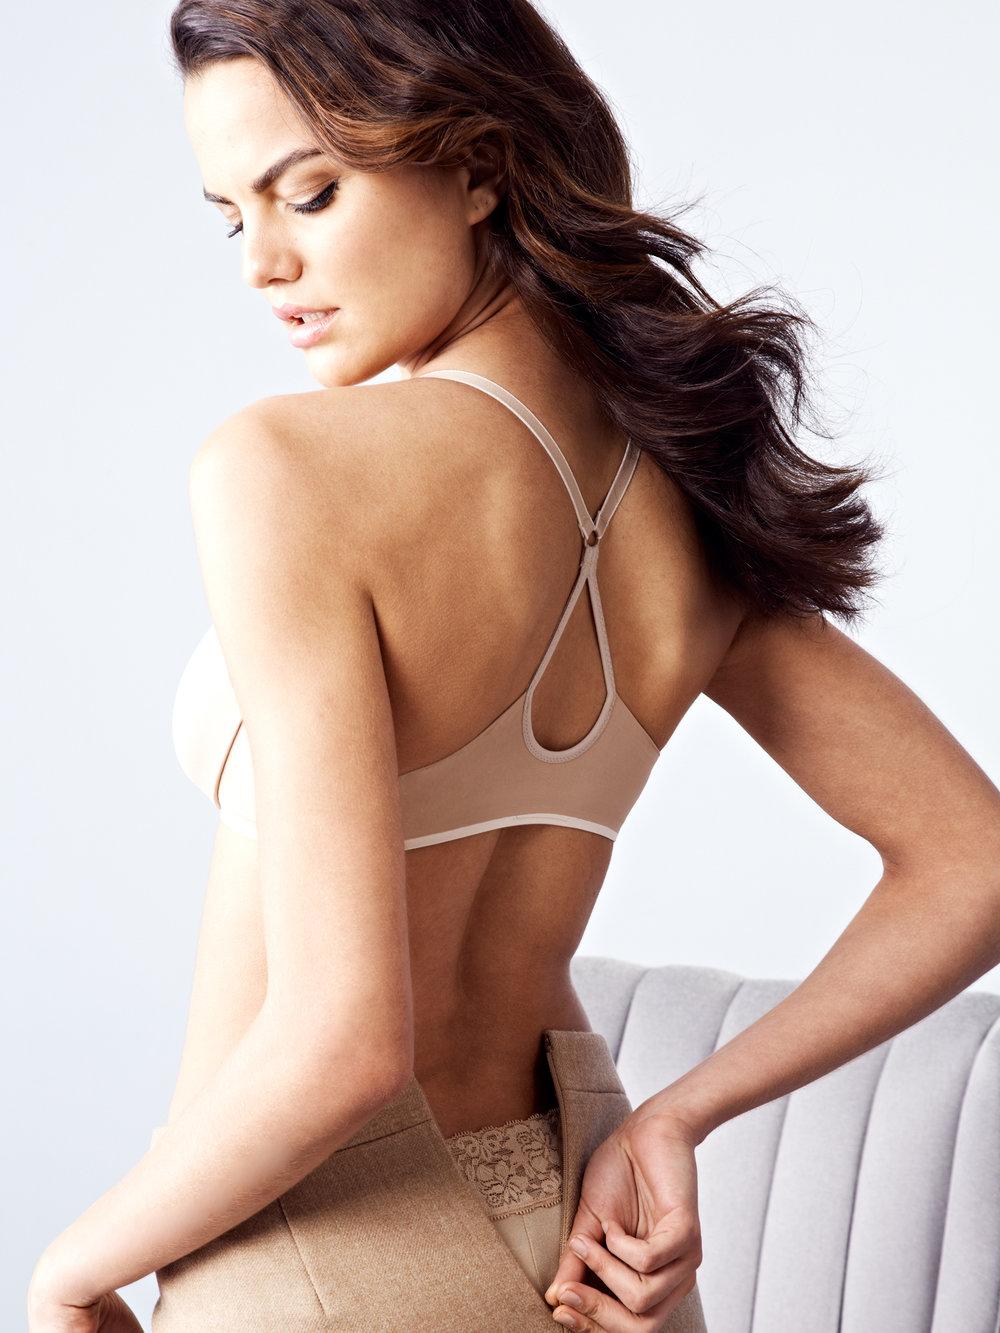 barbara+back+skirt.jpg